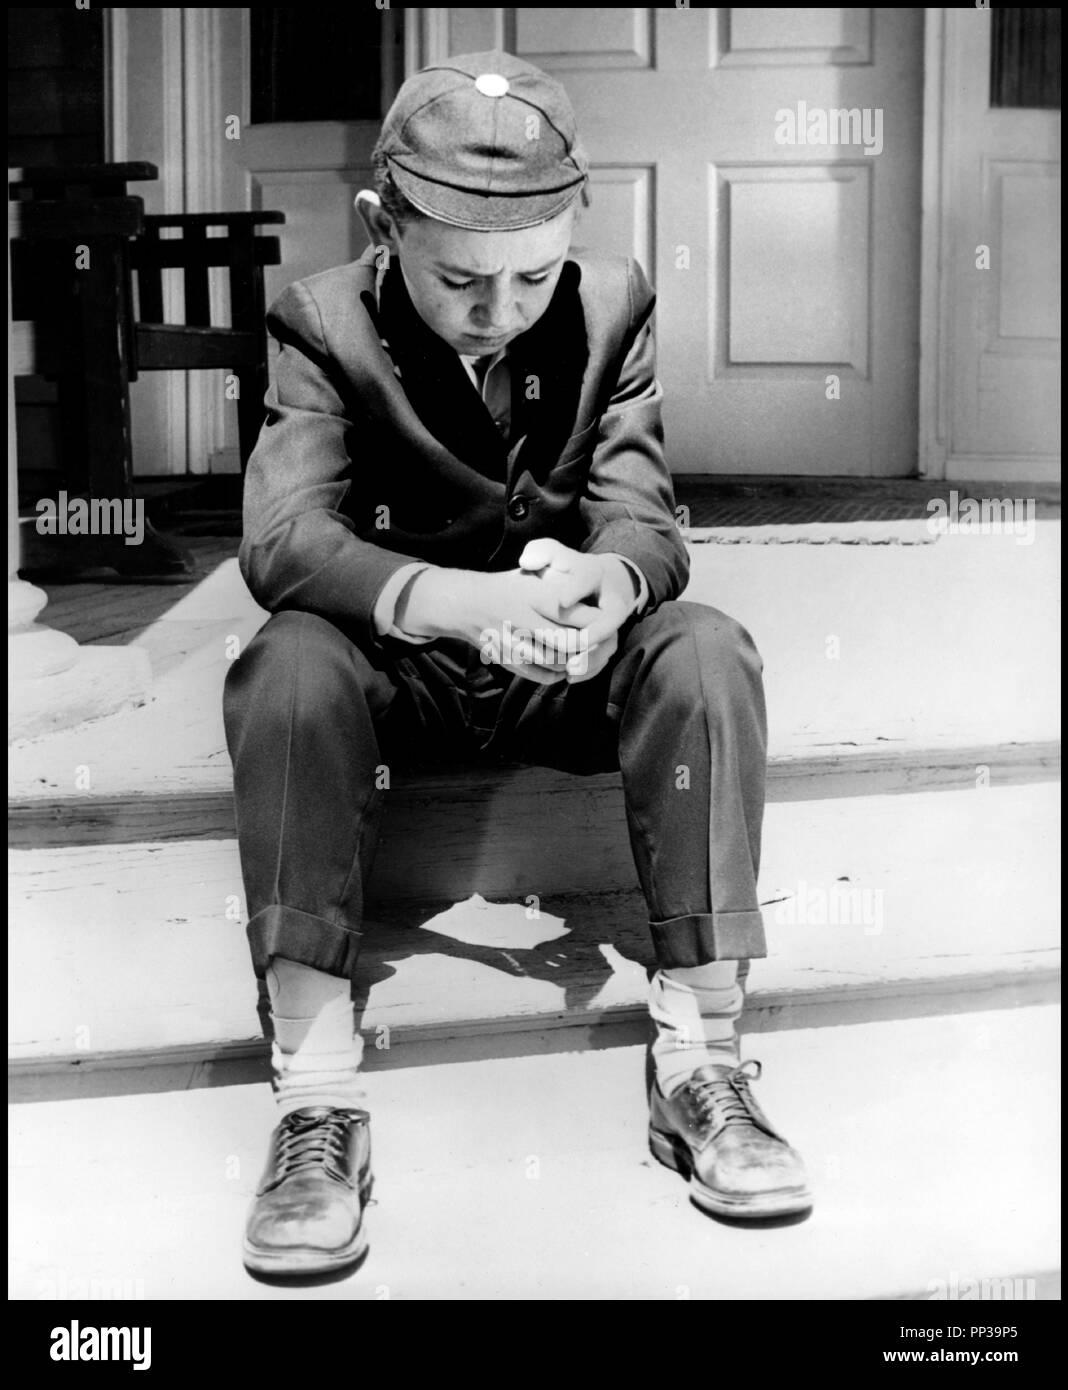 Prod DB © United Artists / DR UN ENFANT ATTEND ( A CHILD IS WAITING) de John Cassavetes 1963 USA avec Bruce Ritchey enfant, tristesse, solitude, uniforme d'ecolier Artistes Associés code CW - Stock Image